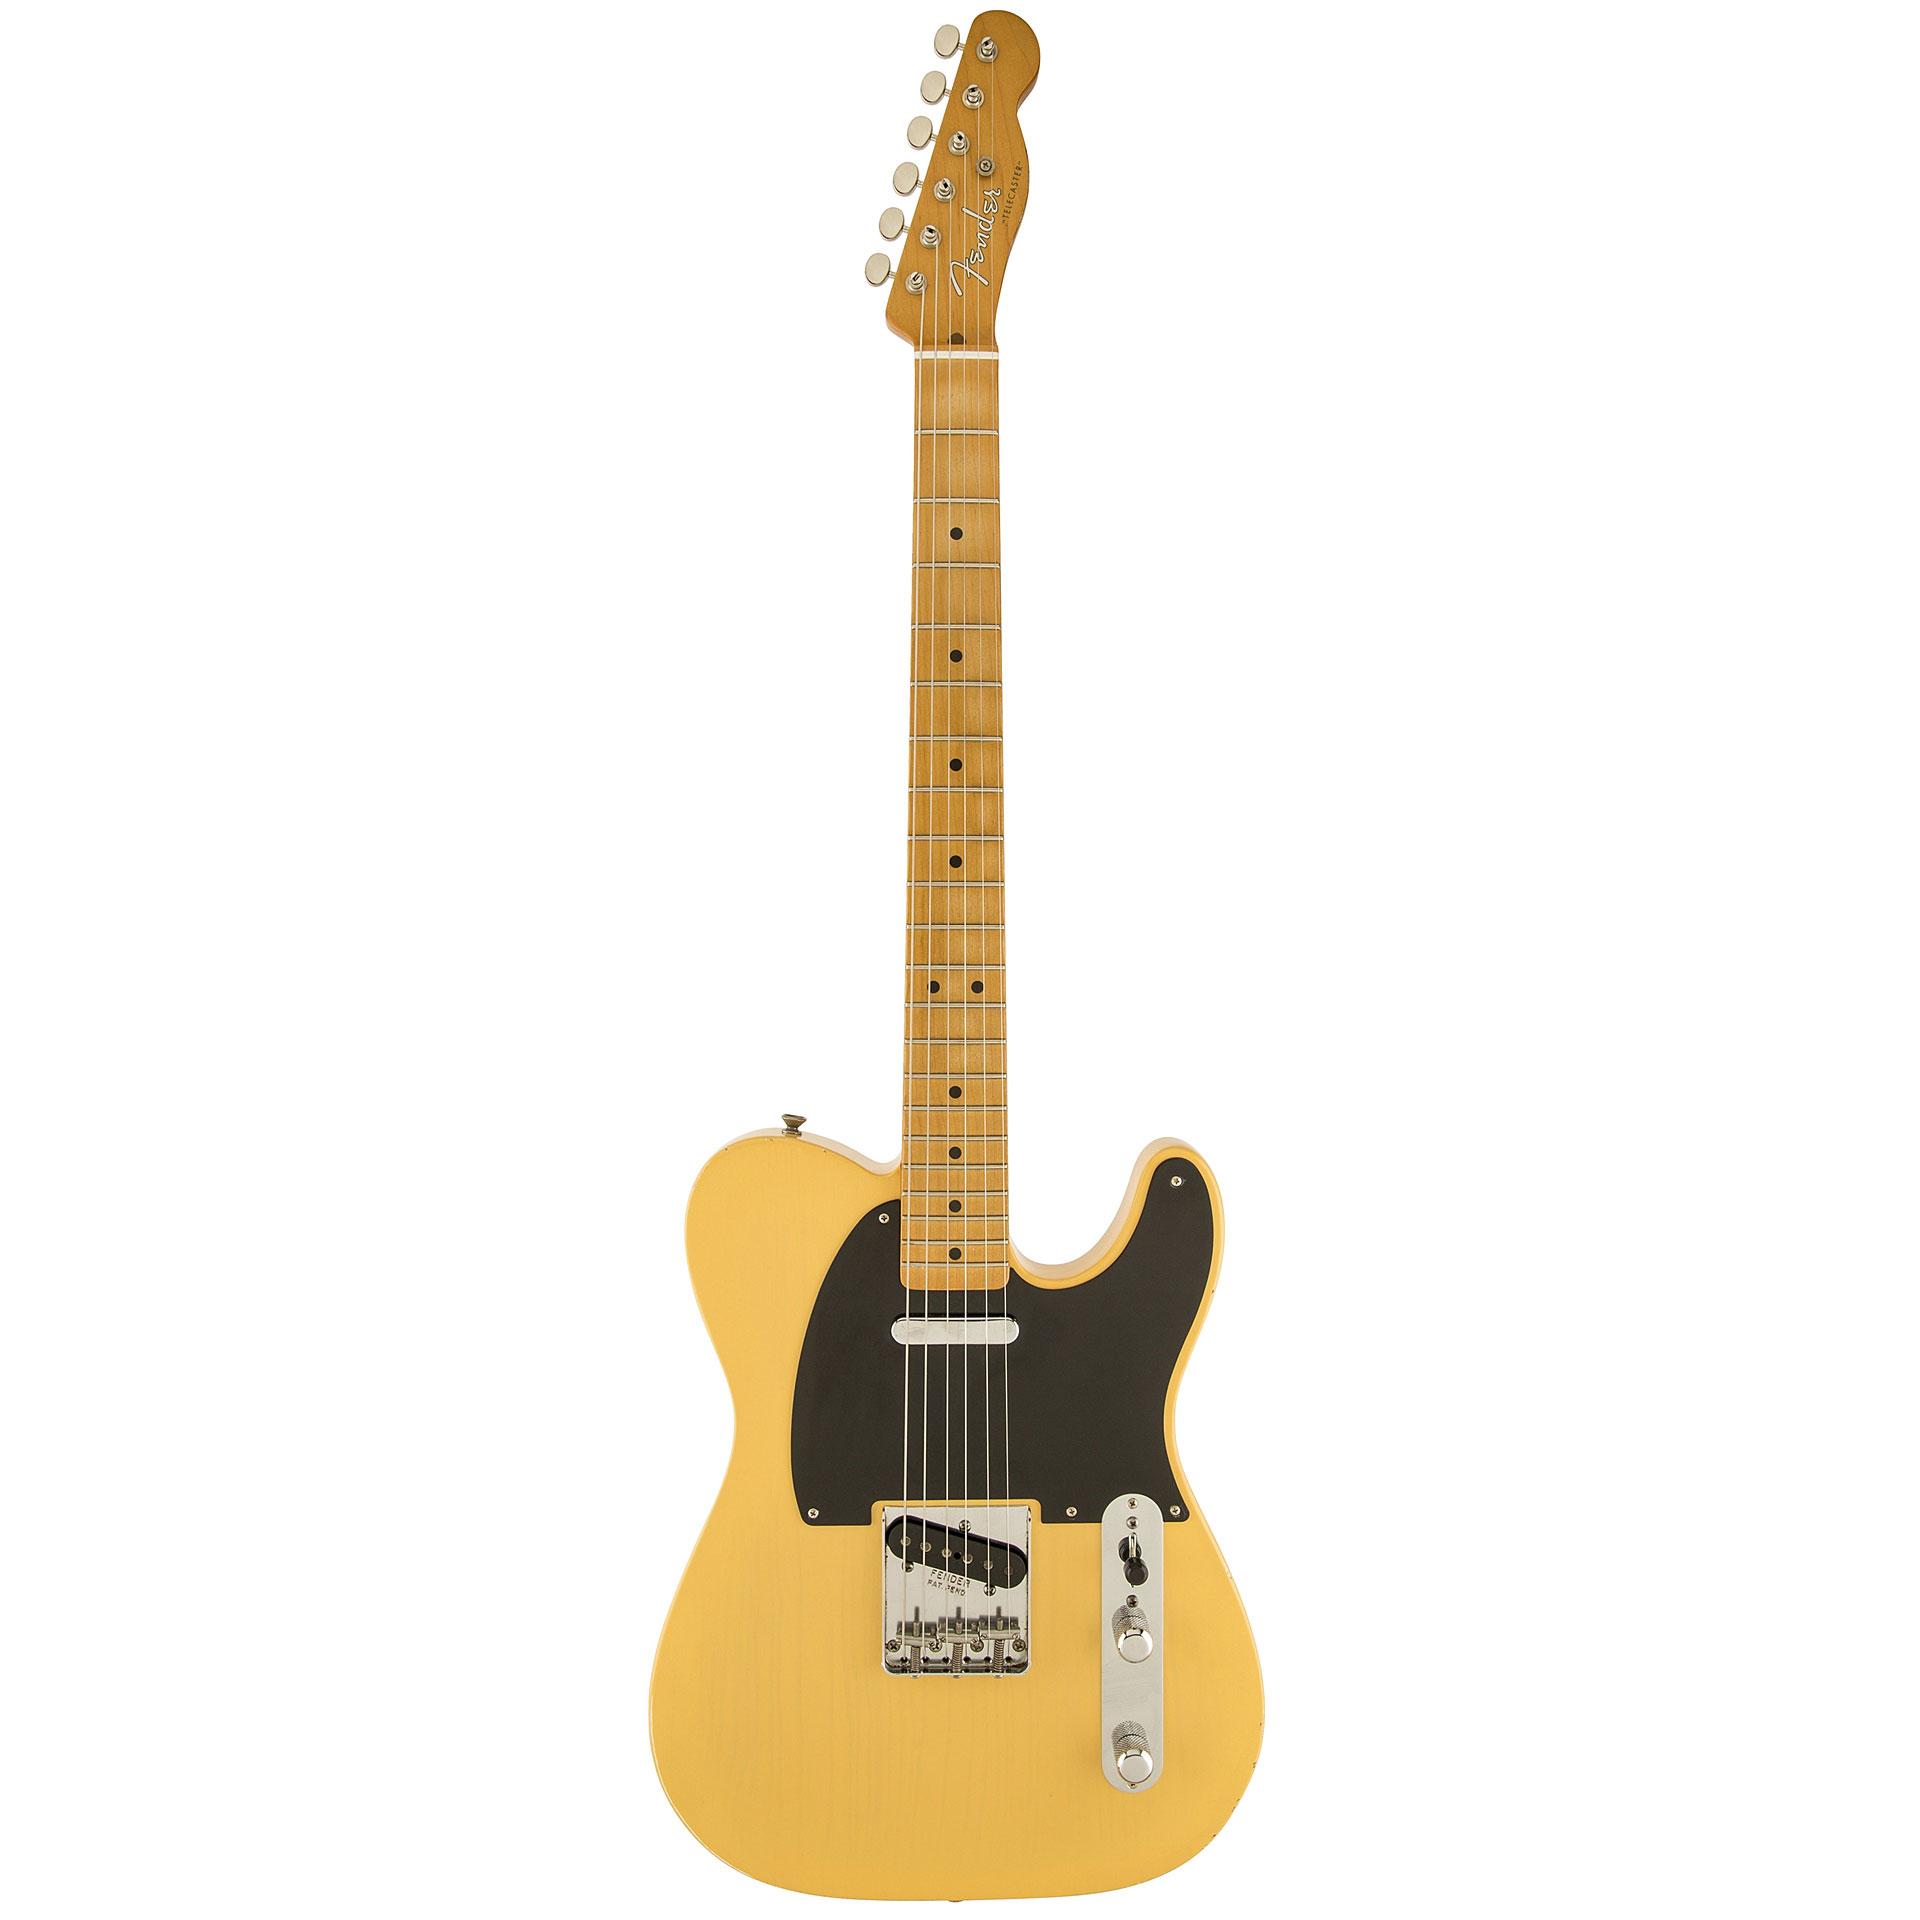 fender road worn 39 50s telecaster bld electric guitar. Black Bedroom Furniture Sets. Home Design Ideas